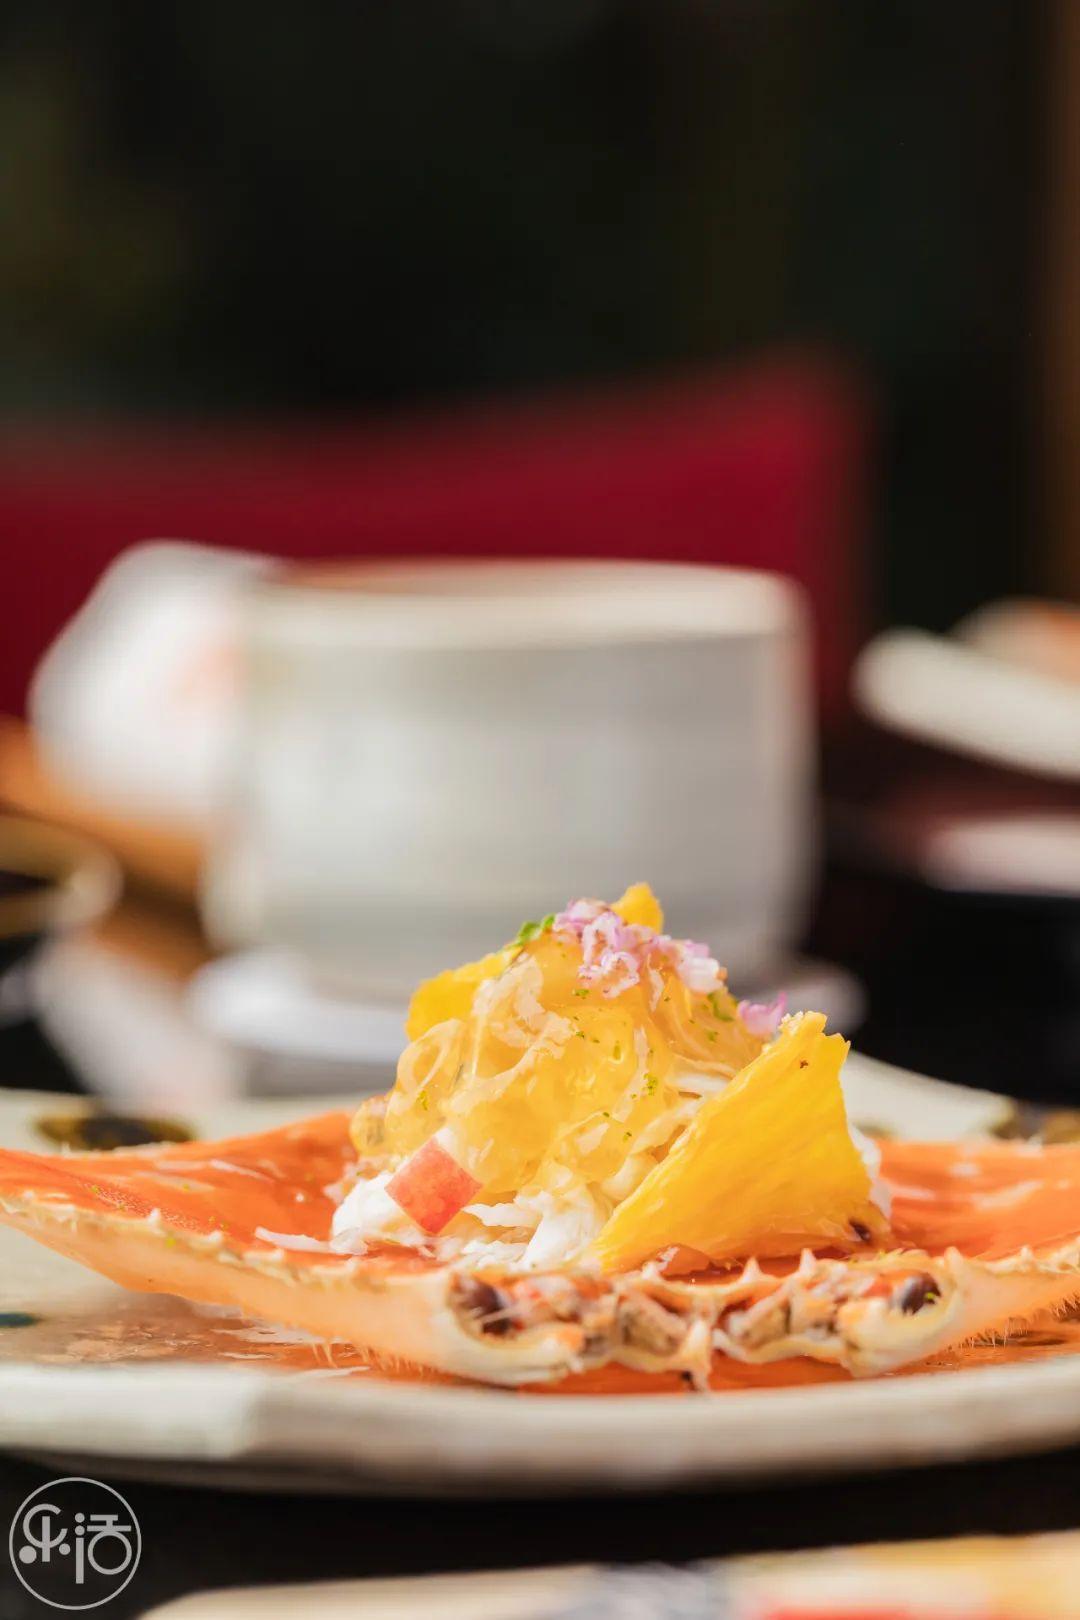 全杭州Zui大的会席料理店来袭!人均600元就能体验到的Top级日料,来自日本饮食文化的上等名流之选!(图27)